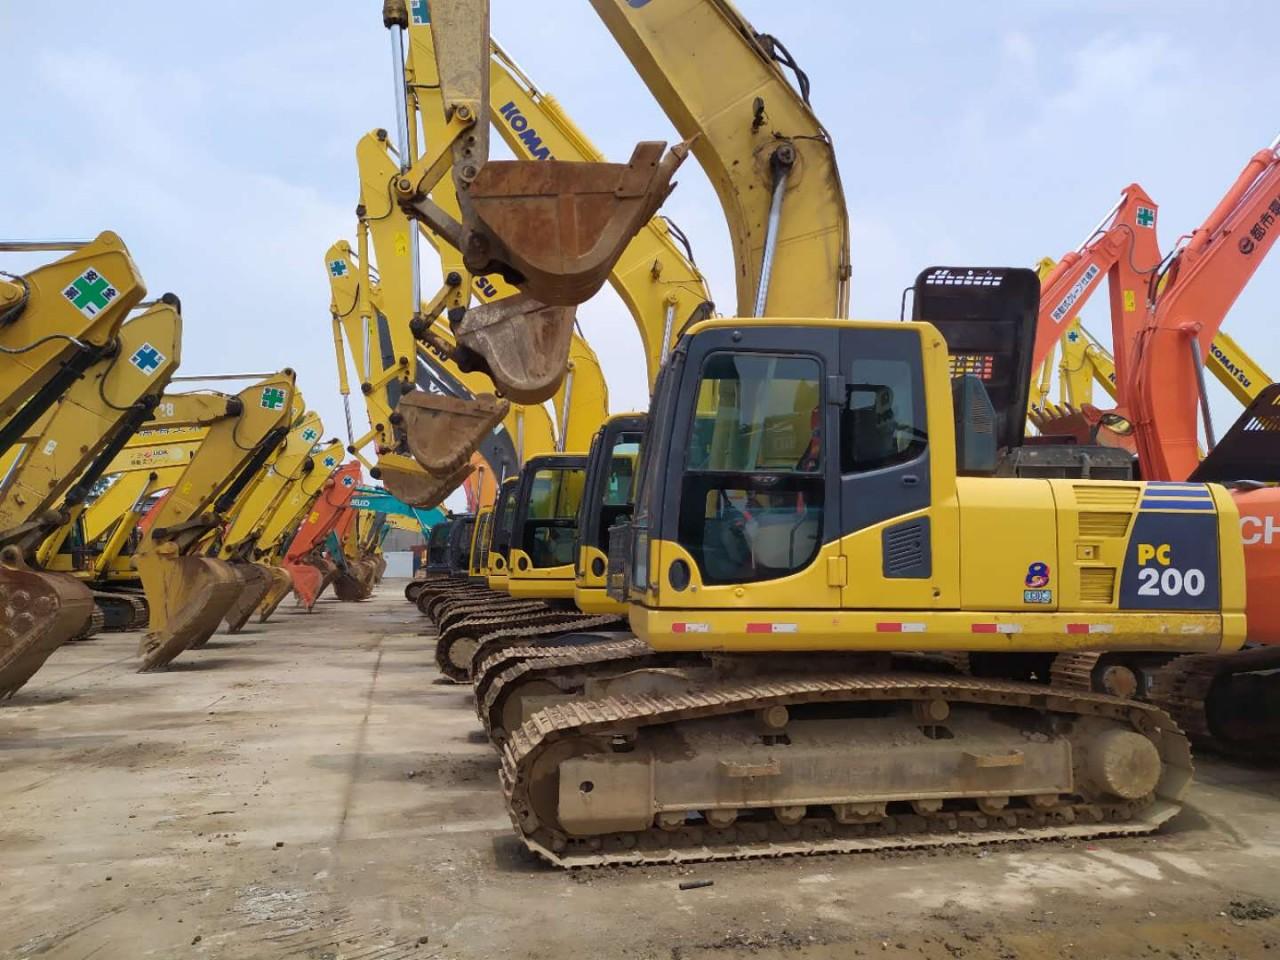 沈阳二手挖掘机市场转让,二手小松200、240和360挖掘机,原版车况,支持分期